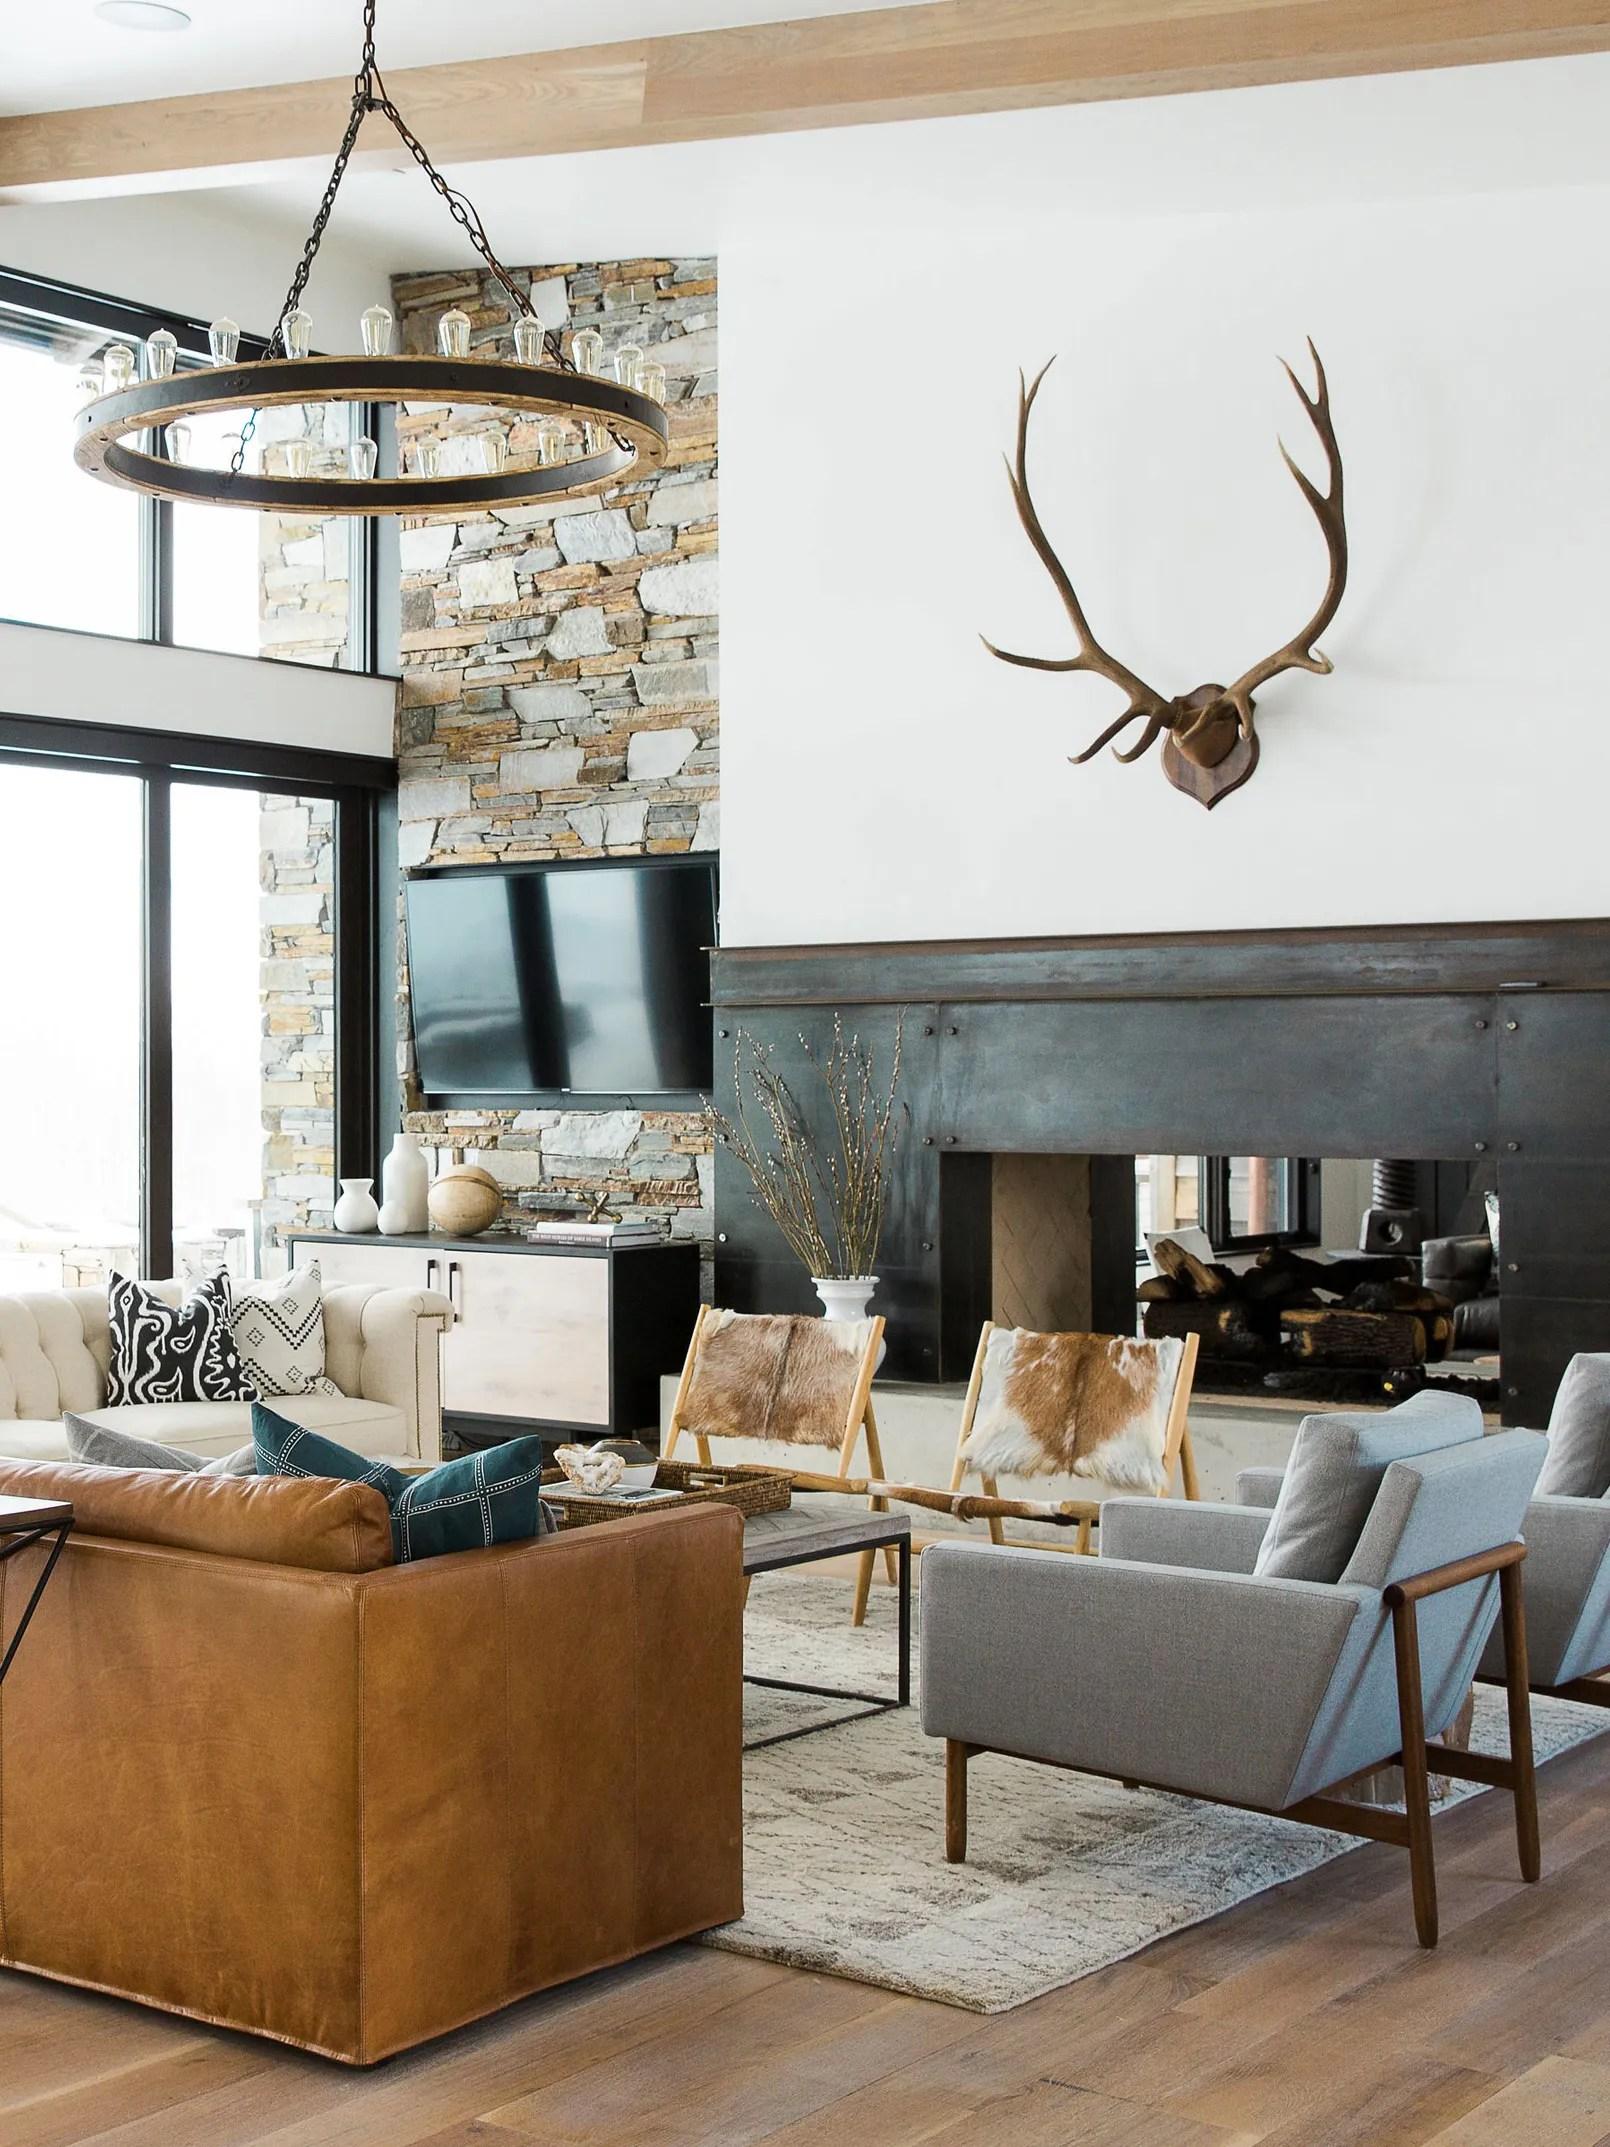 studio mcgee gives a utah mountain home